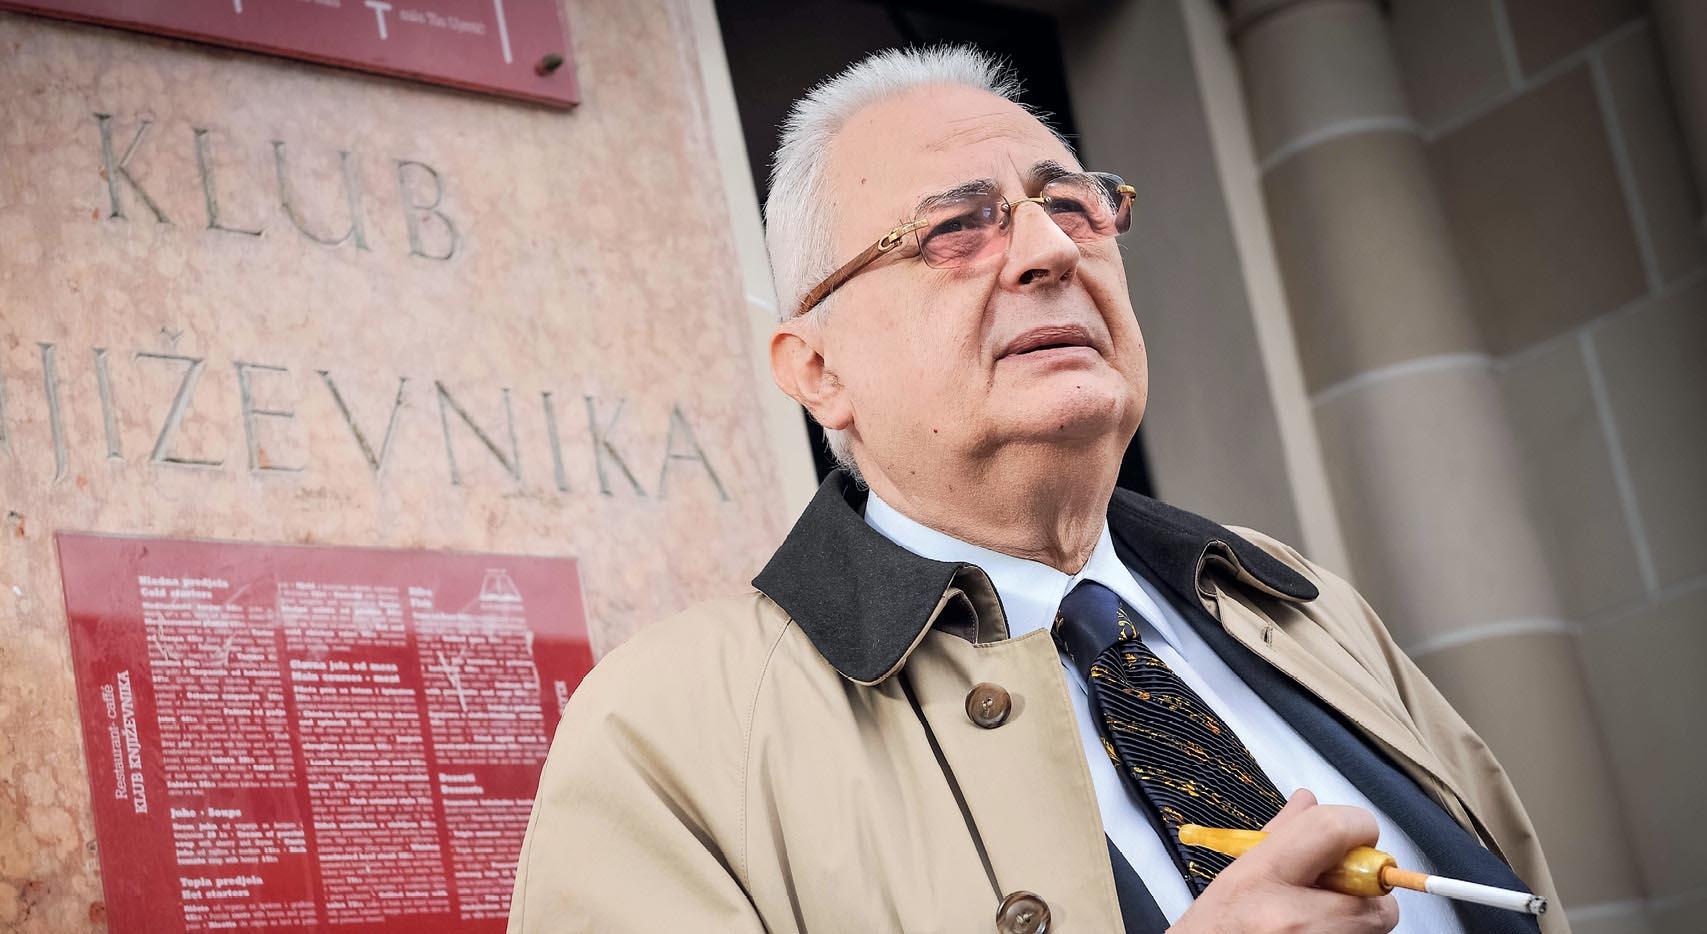 INTERVJU Neven Jurica: 'NE BISMO IZGUBILI PET GODINA da je Nadan Vidošević postao predsjednik'